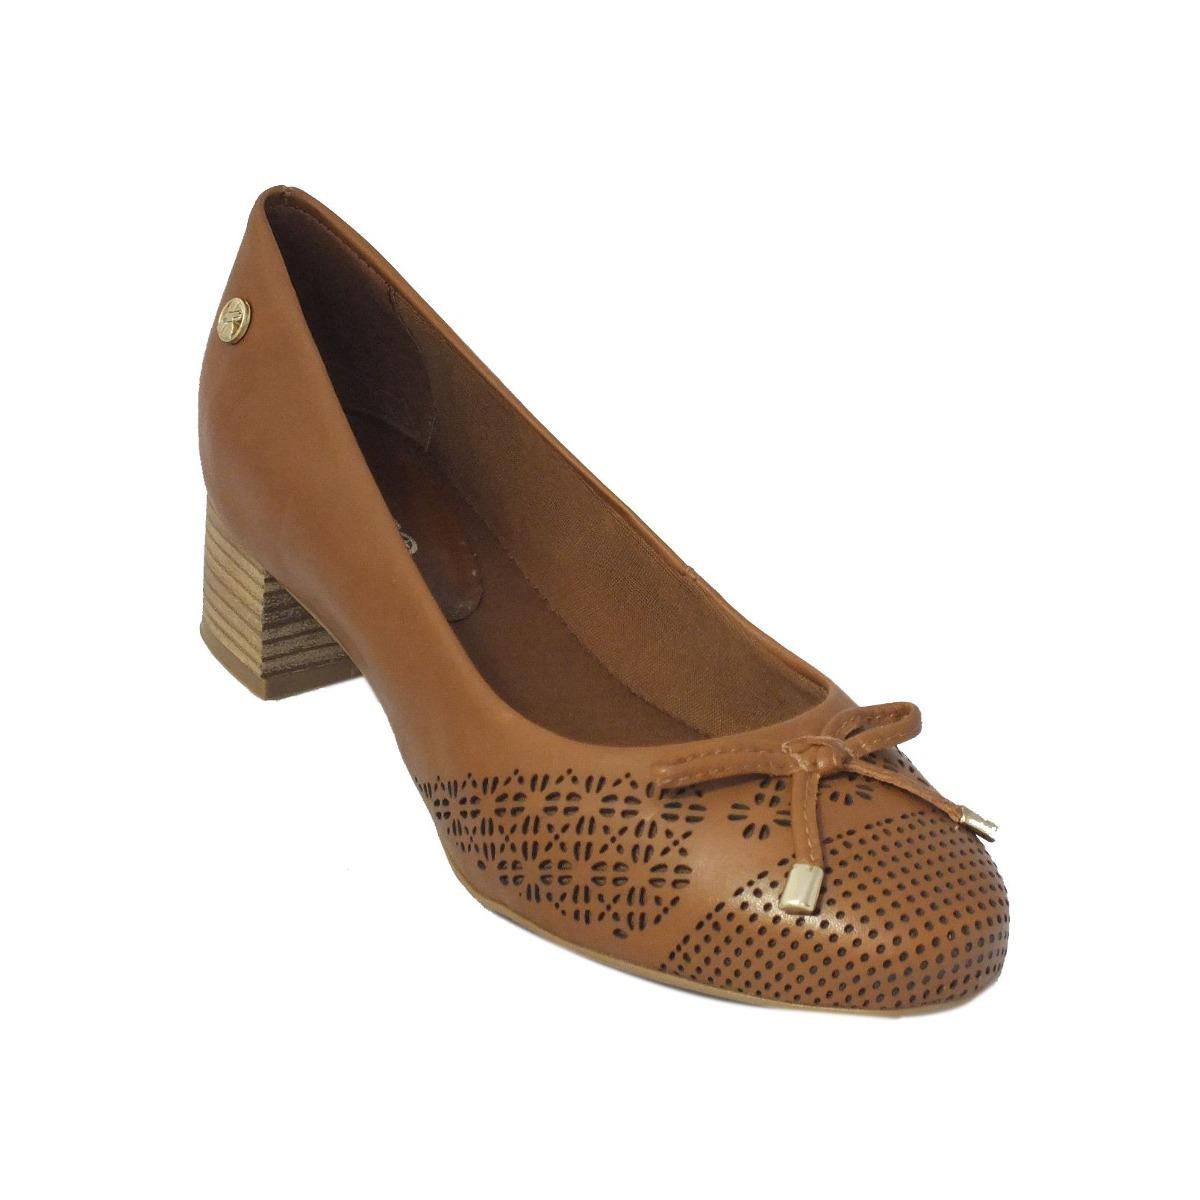 c9e9e9ad11 sapato bottero adrienne feminino-caramelo. Carregando zoom.